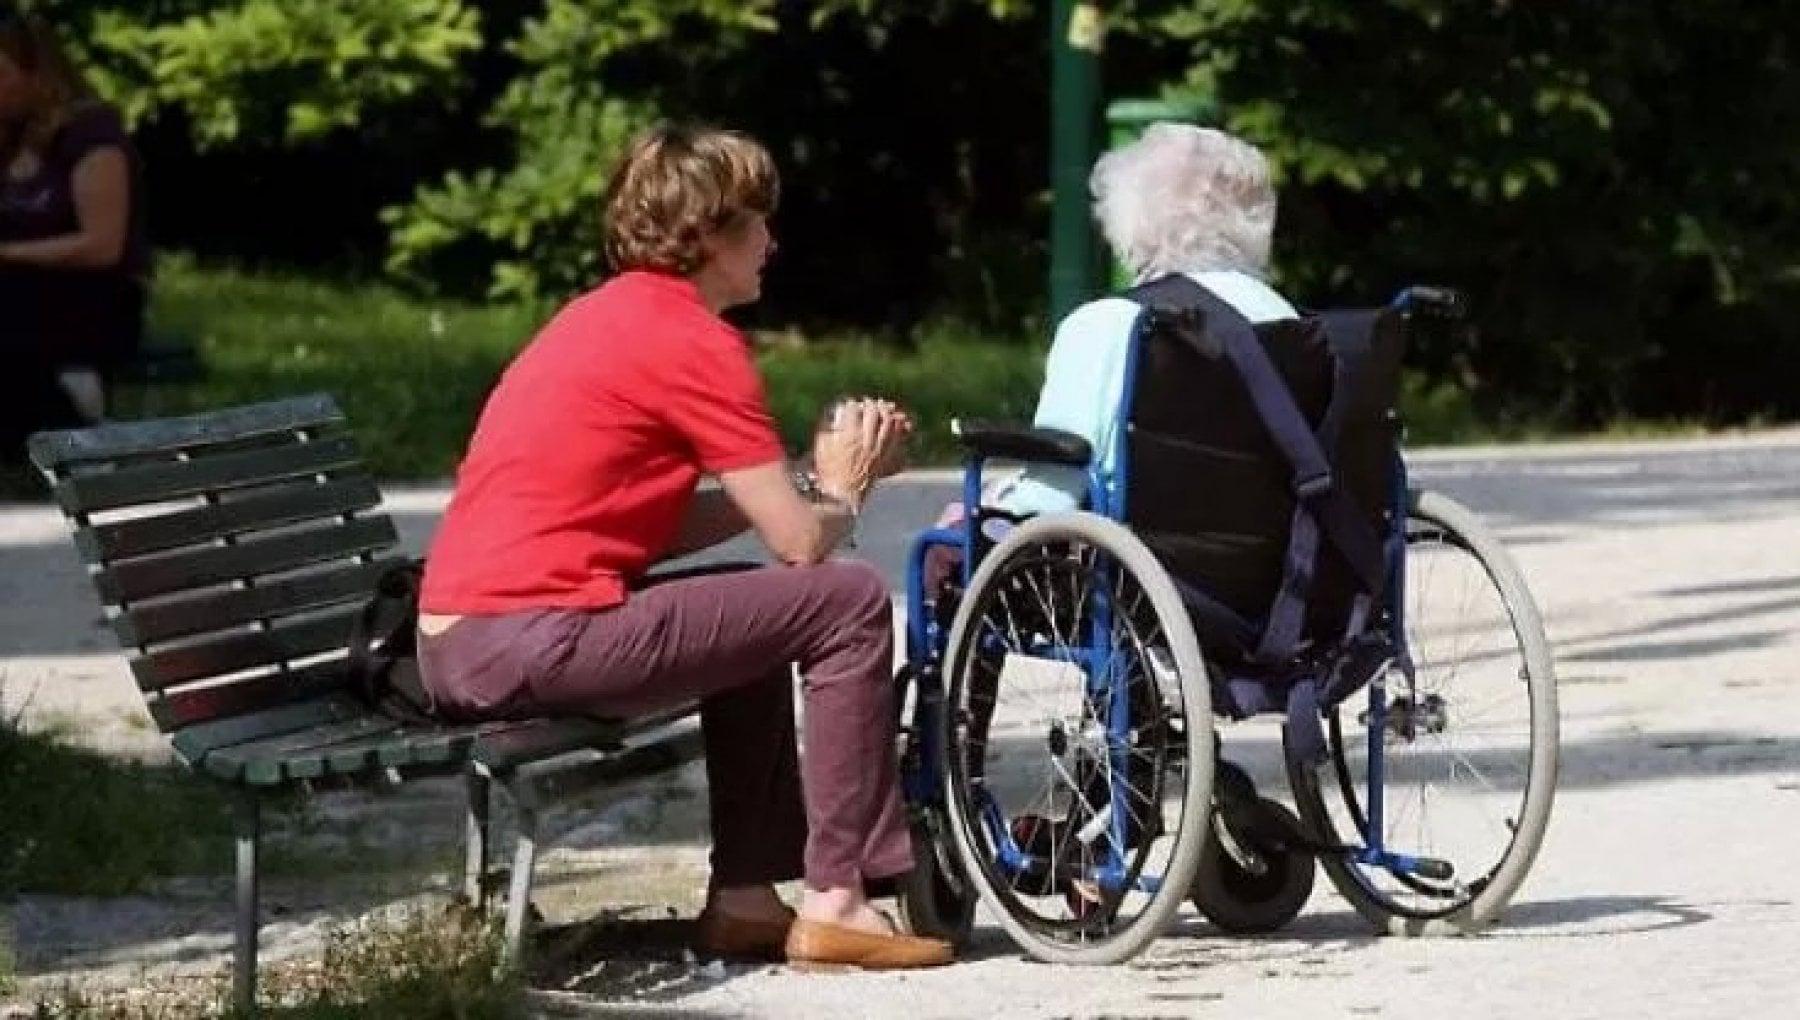 163643122 22729463 70fb 4e2e bde9 8aeb6f1d4c72 - Vaccini, anche chi assiste i disabili gravi avrà la priorità